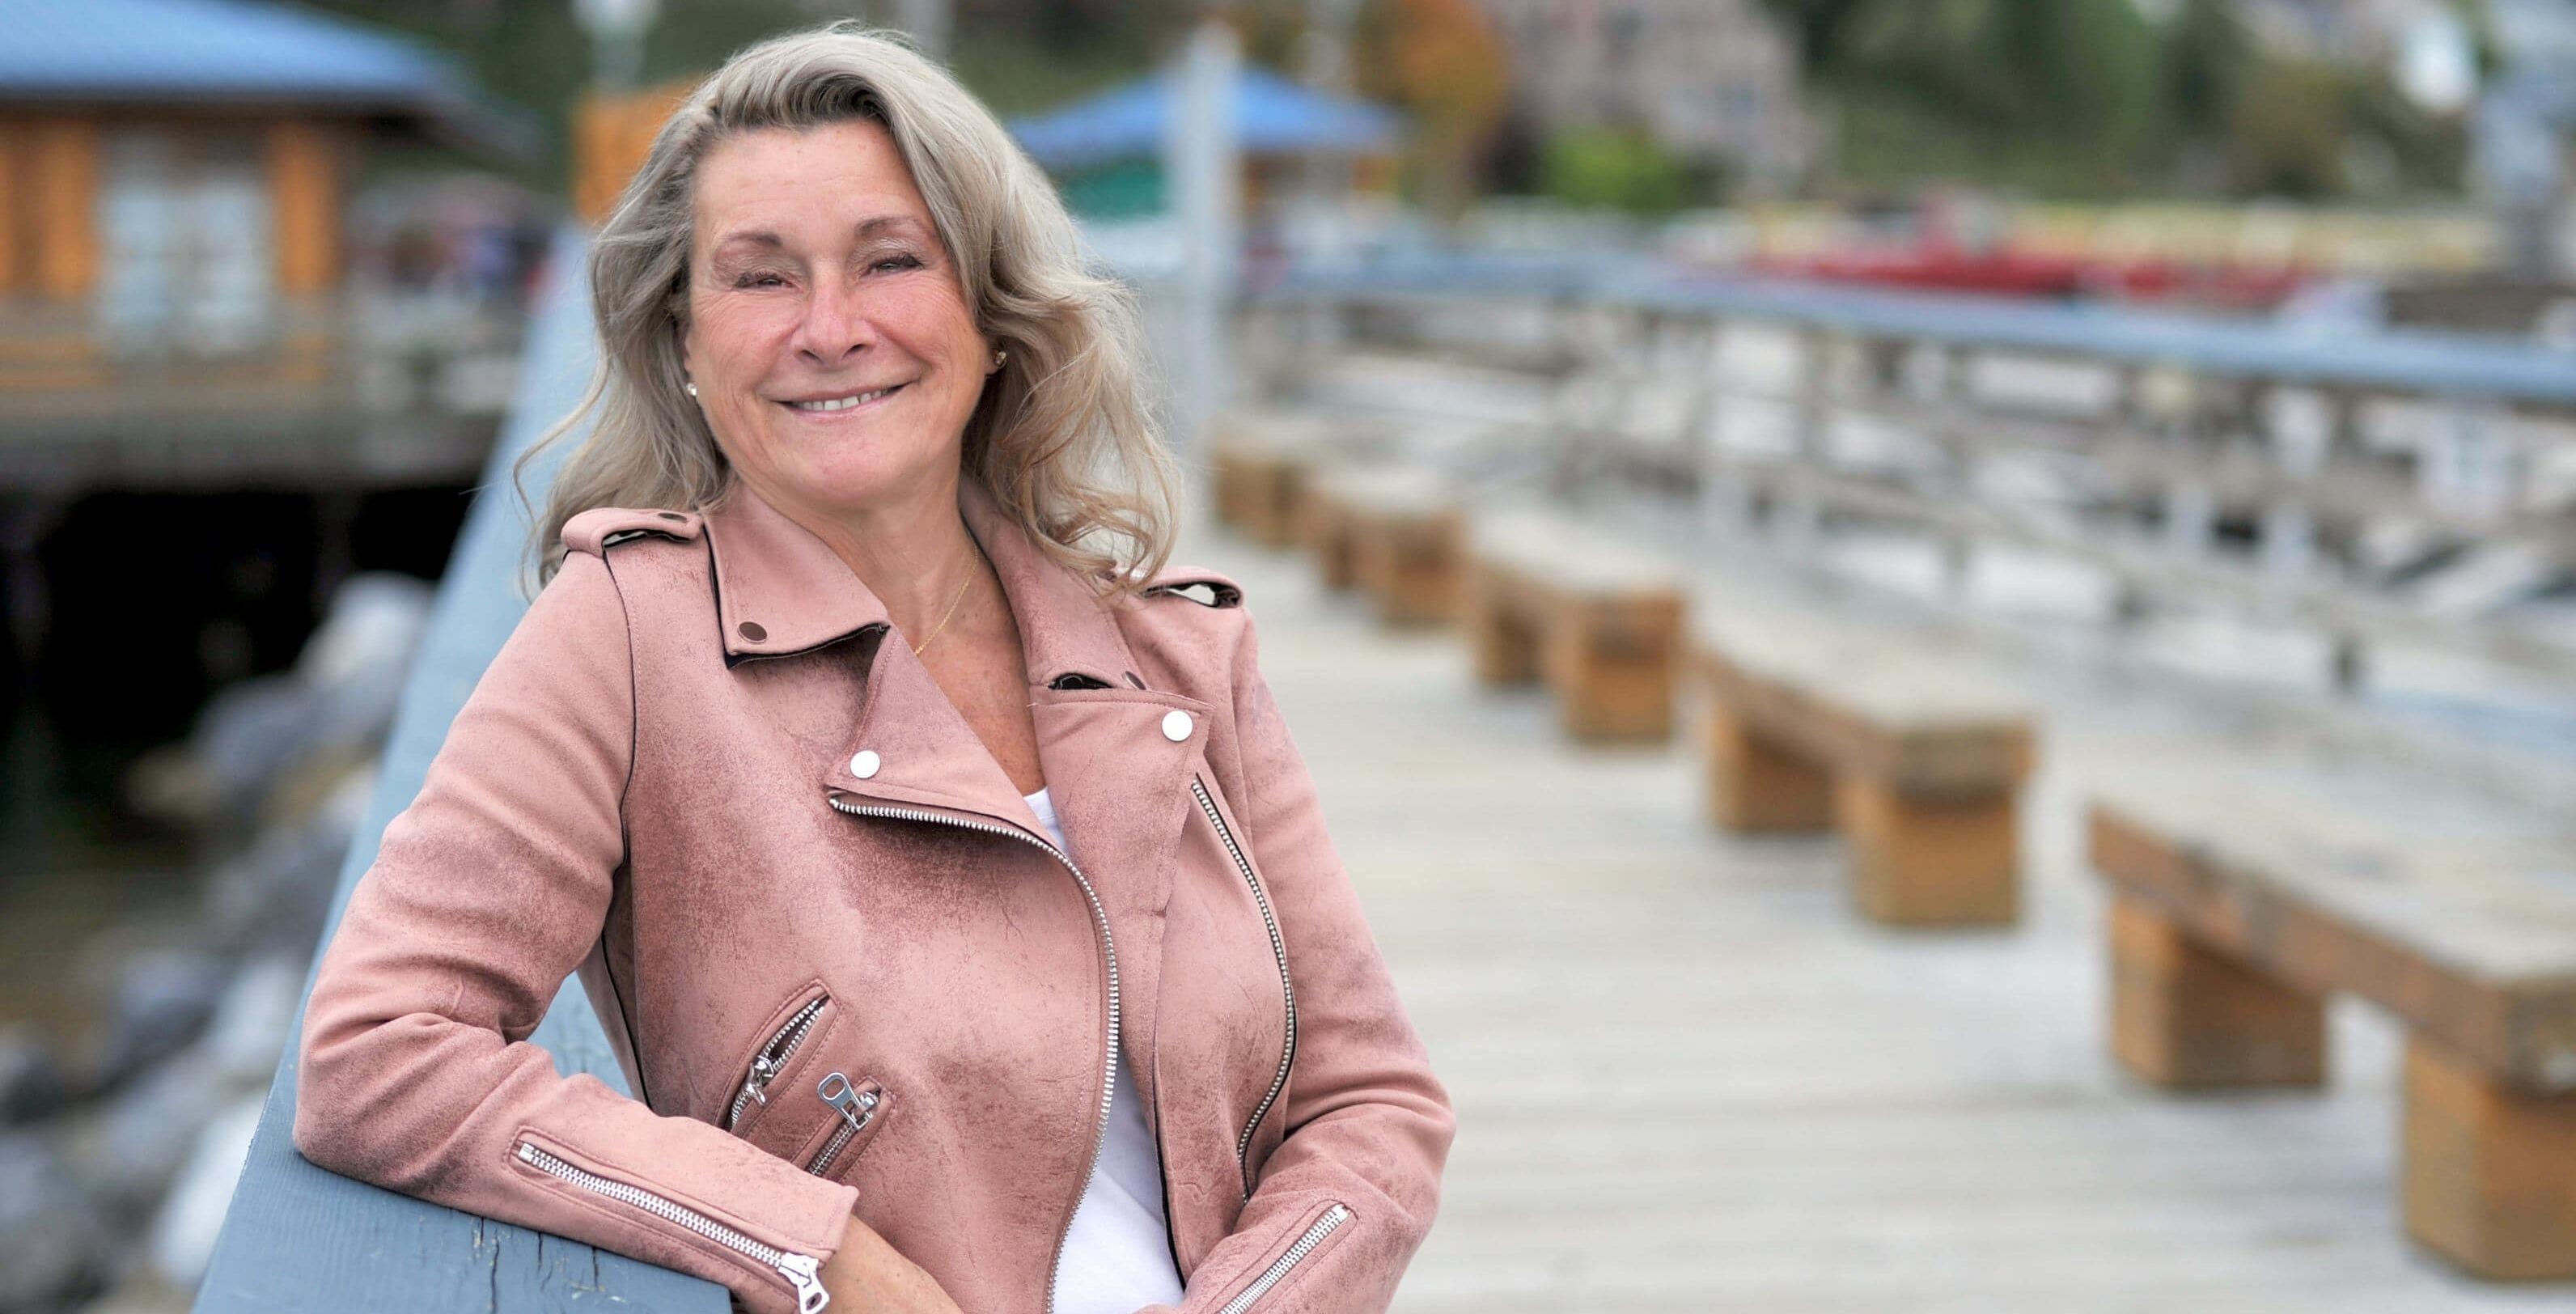 Une femme souriante sur un quai